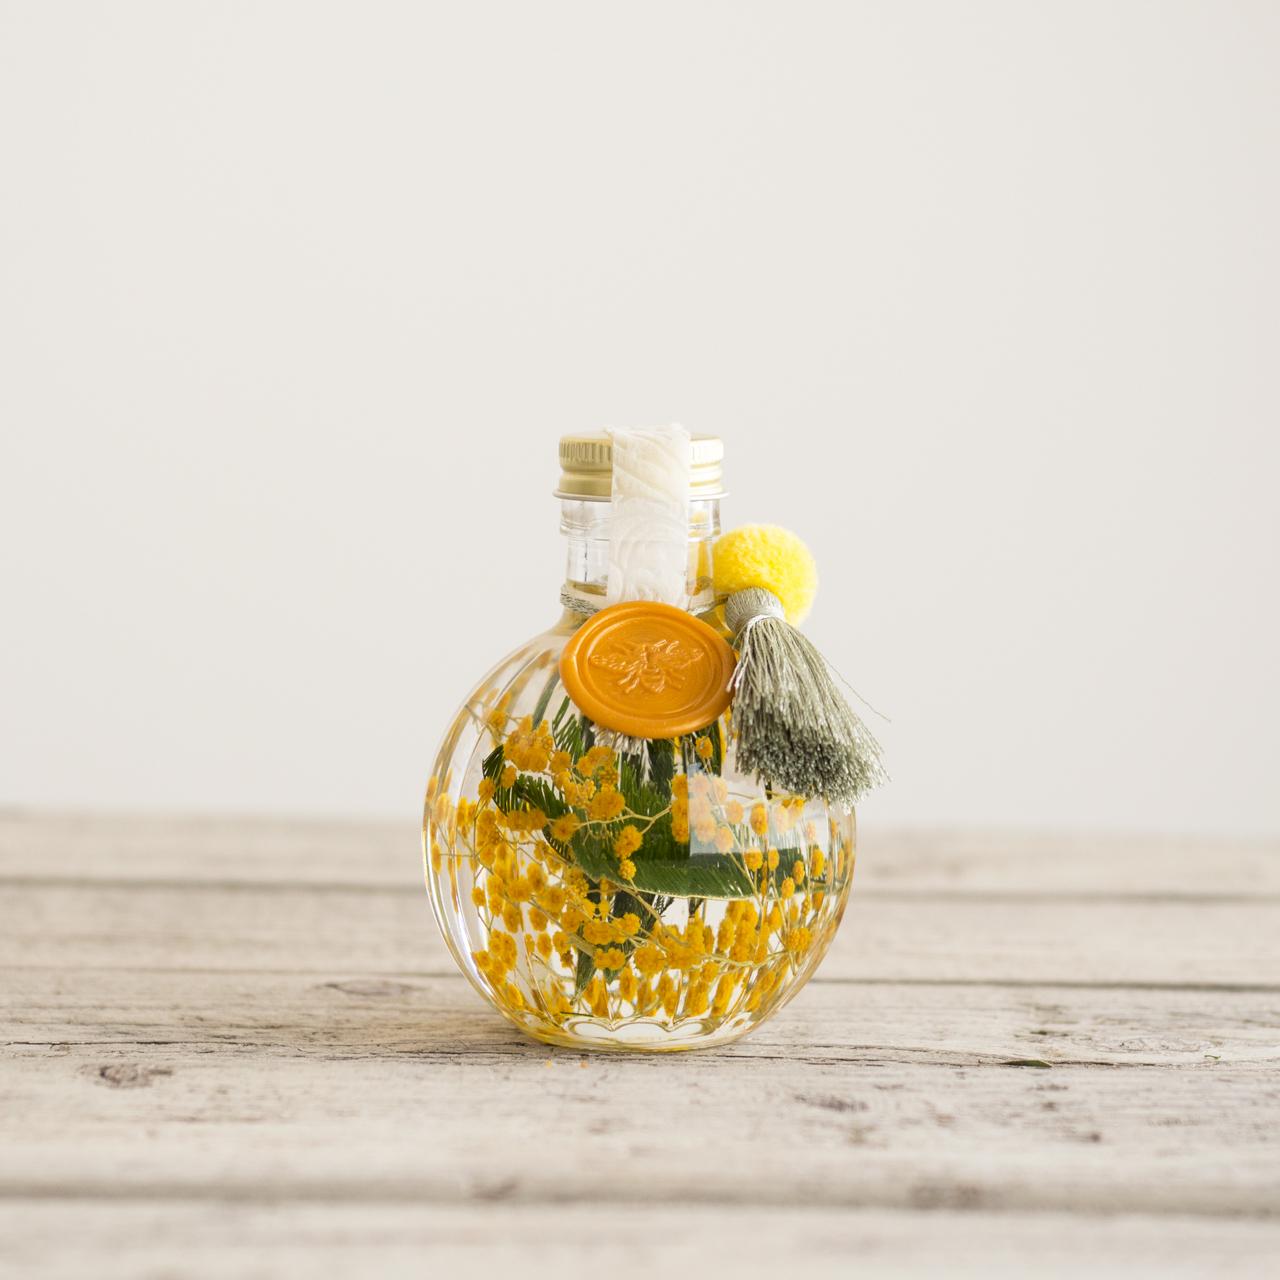 高野のぞみ NP Herbarium Mimosa 丸ボトル